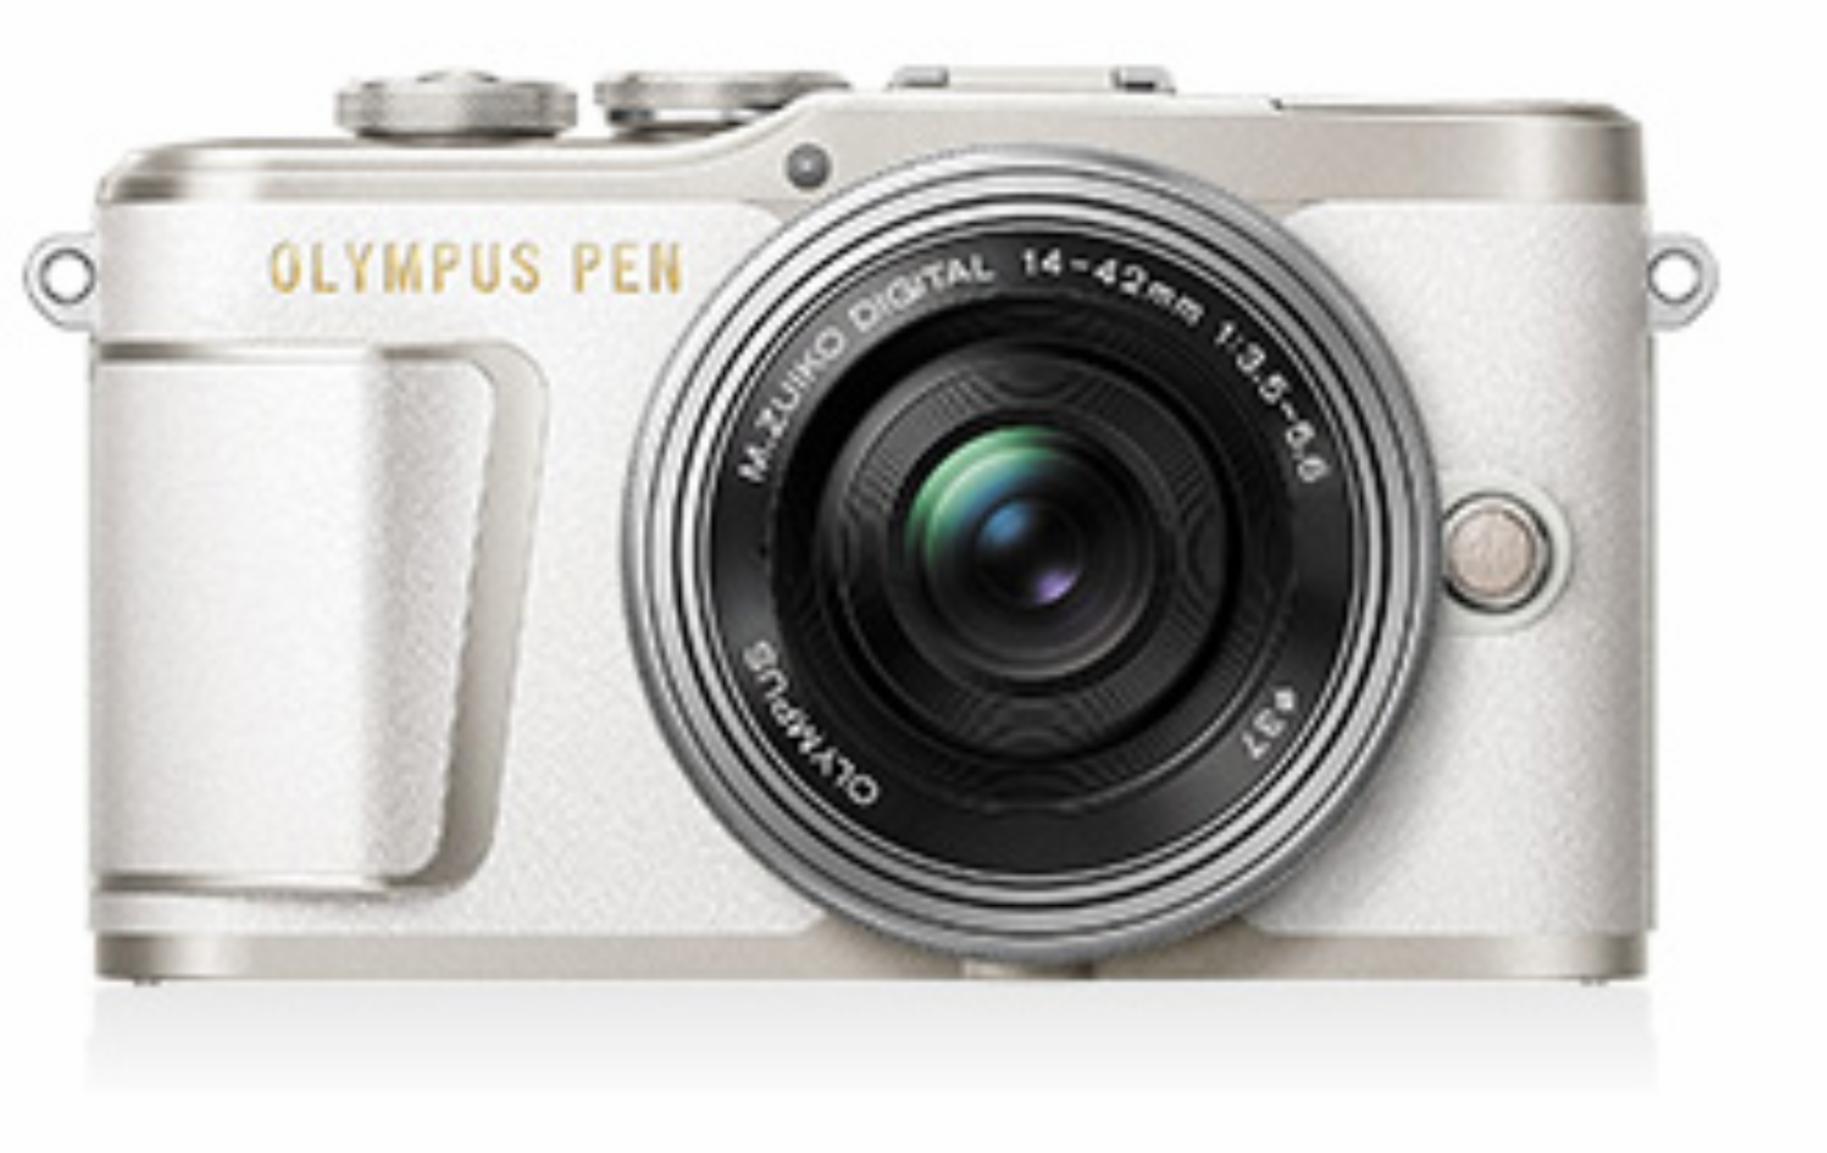 【2021年最新】家電のプロが選ぶミラーレスカメラおすすめランキング!